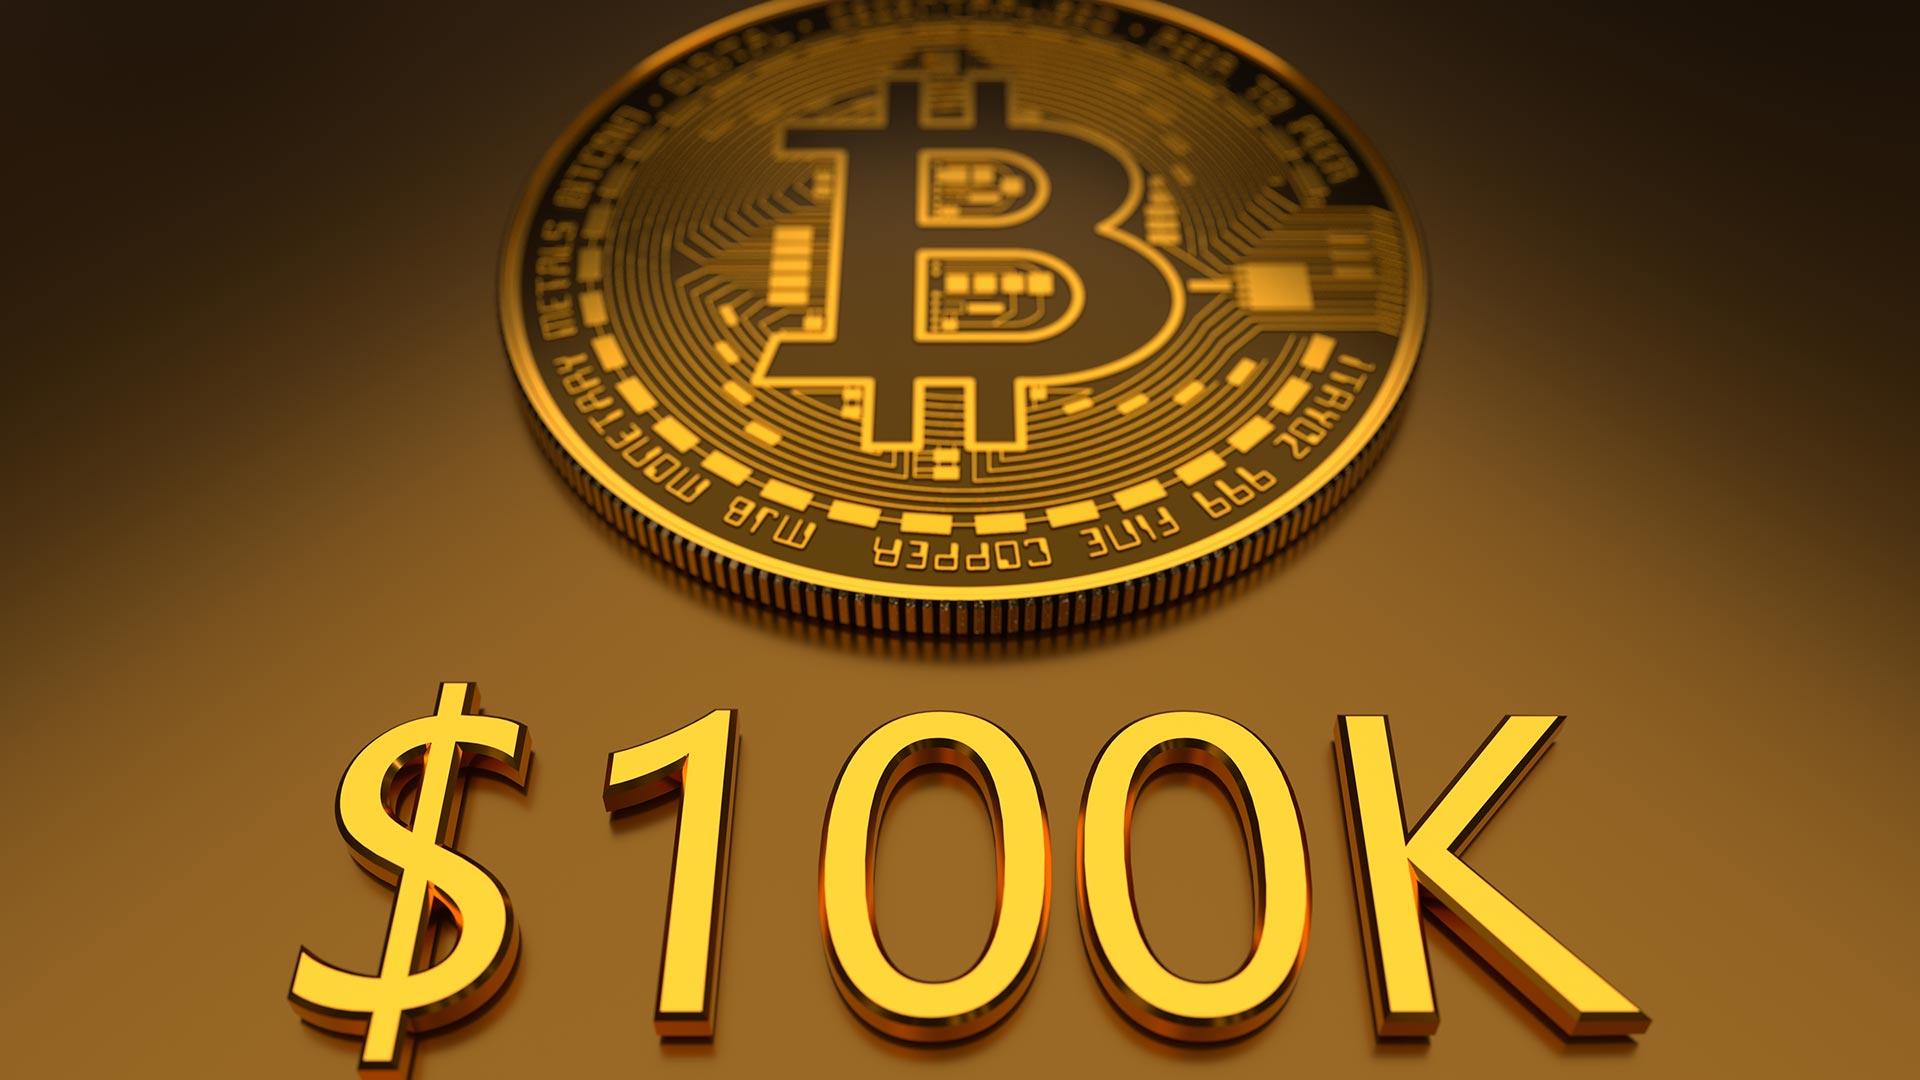 Profesyonel Trader: Bitcoin Bu Seviyelere Düşecek! Sonra 100 Bin Dolar